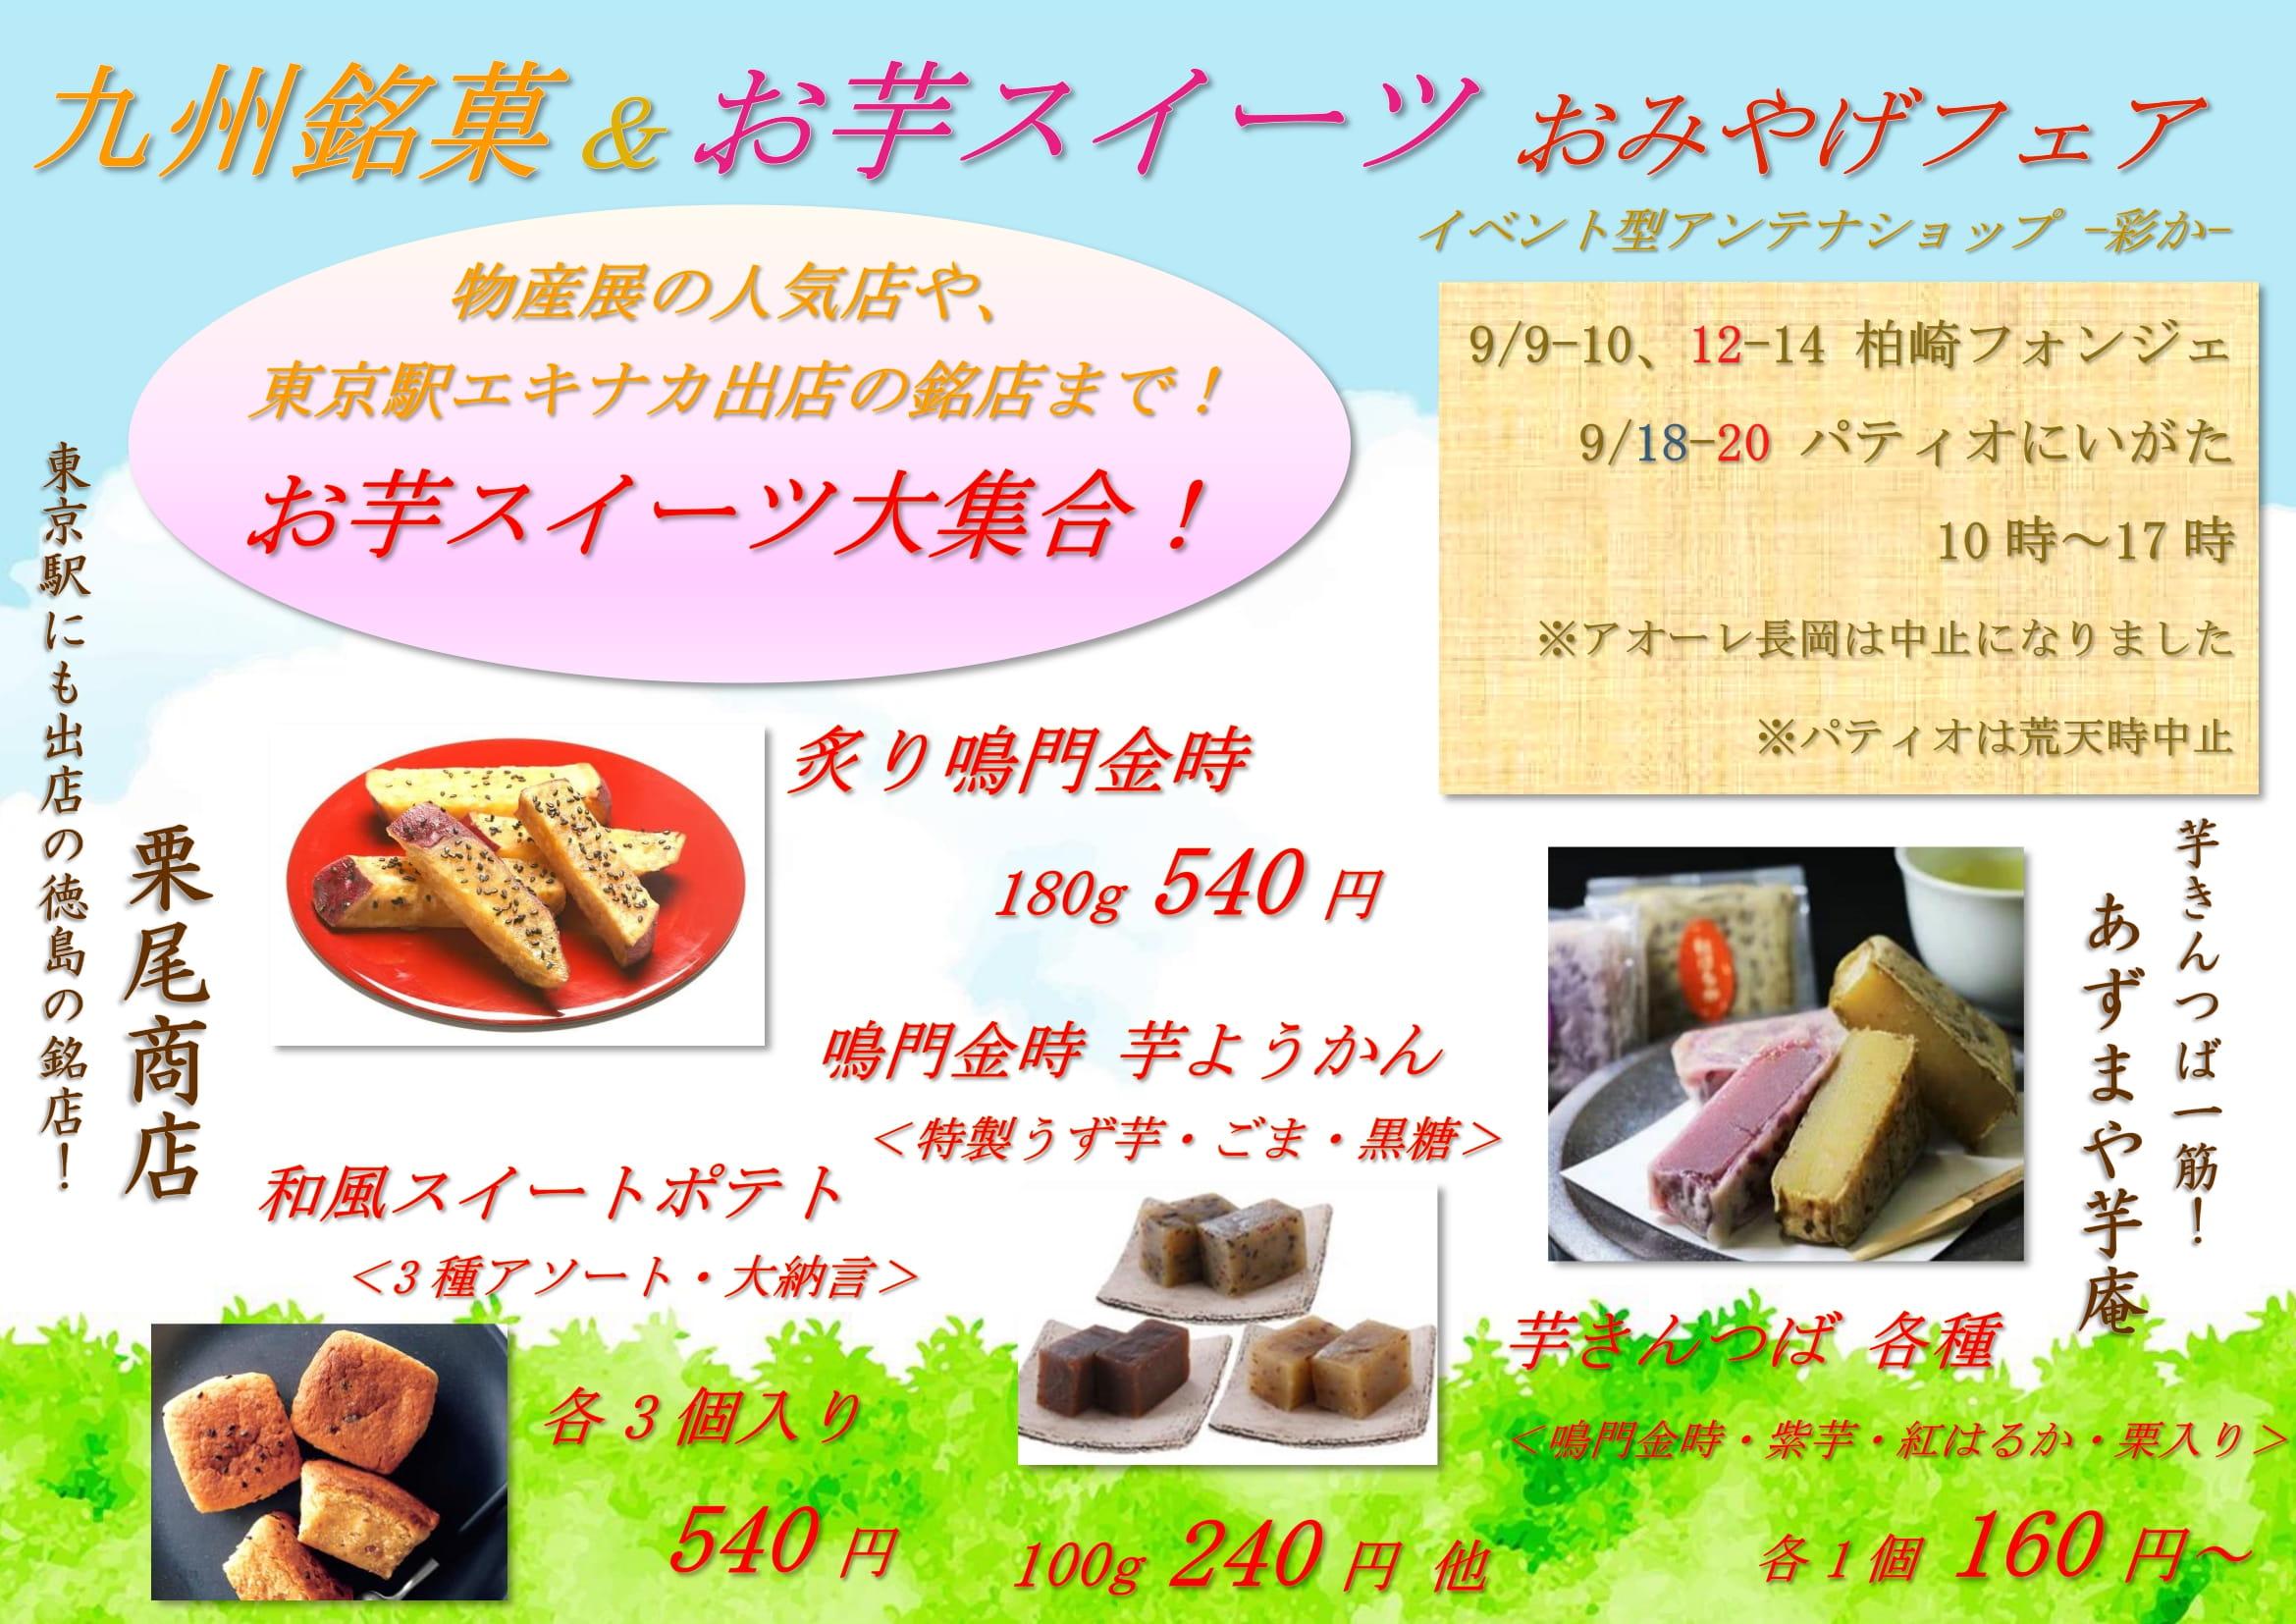 【九州・芋フェア】ビジョン1-1